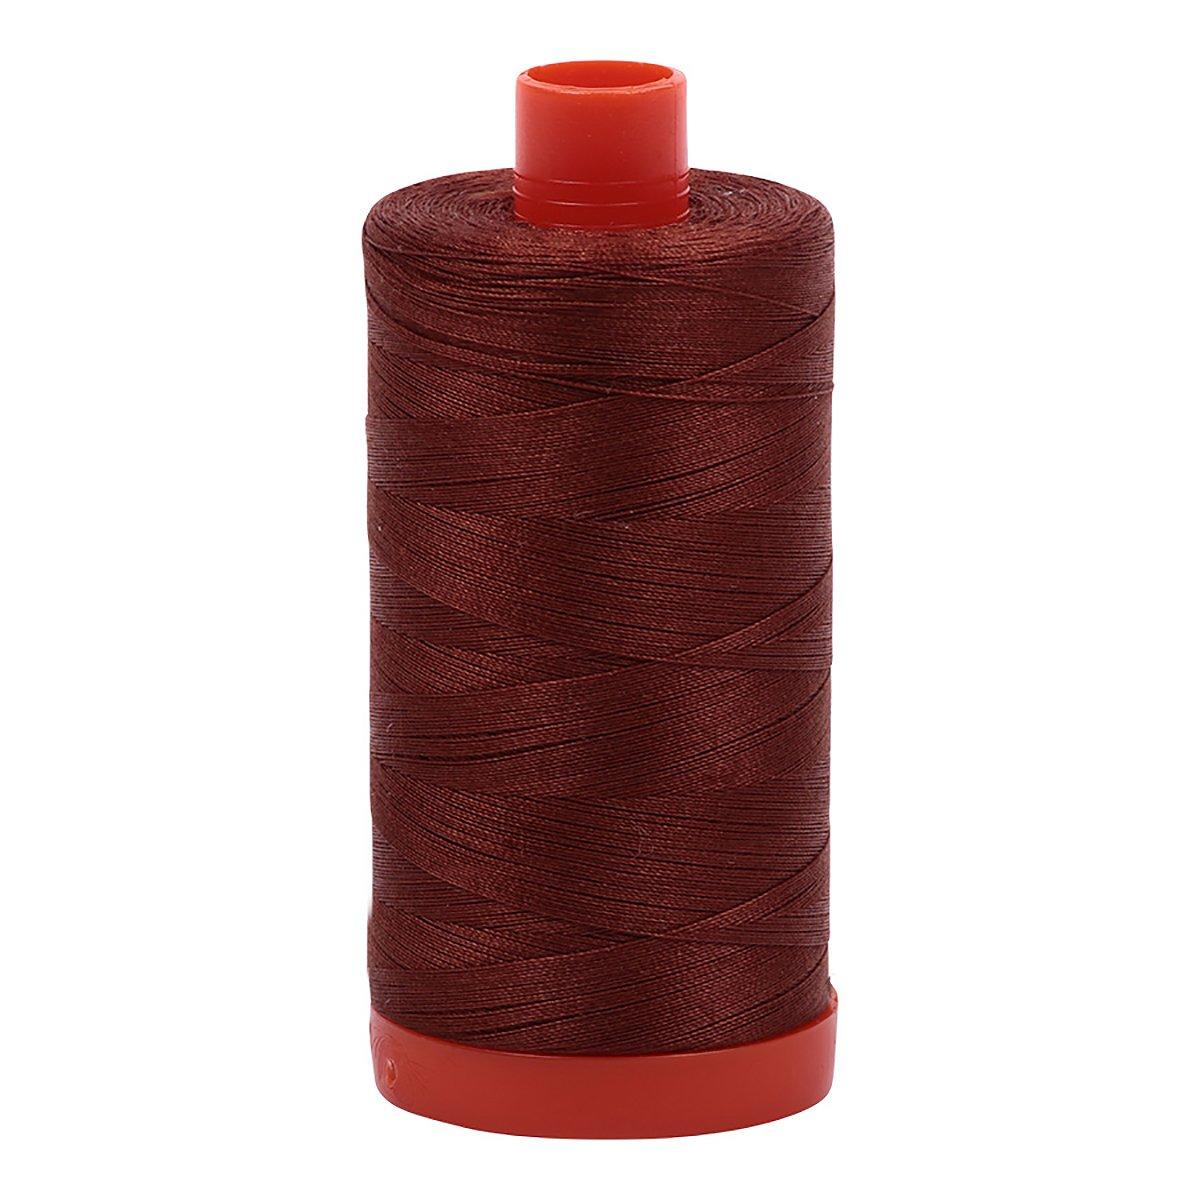 Aurifil A1050-4012 Solid 50wt 1422yds Copper Brown Mako Cotton Thread Aurifil USA